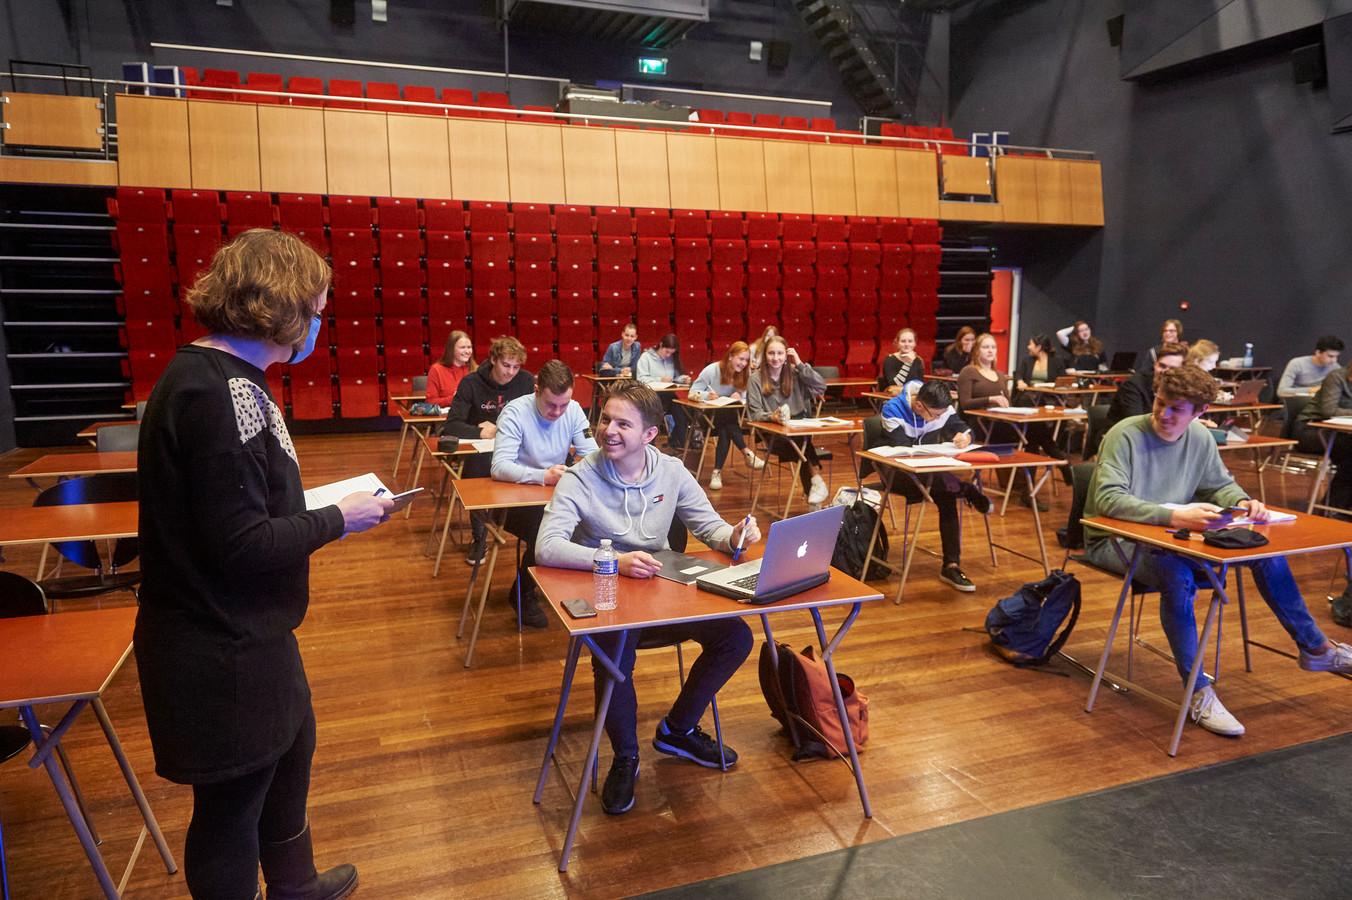 Examenleerlingen van het TBL krijgen les in theater de Lievekamp.